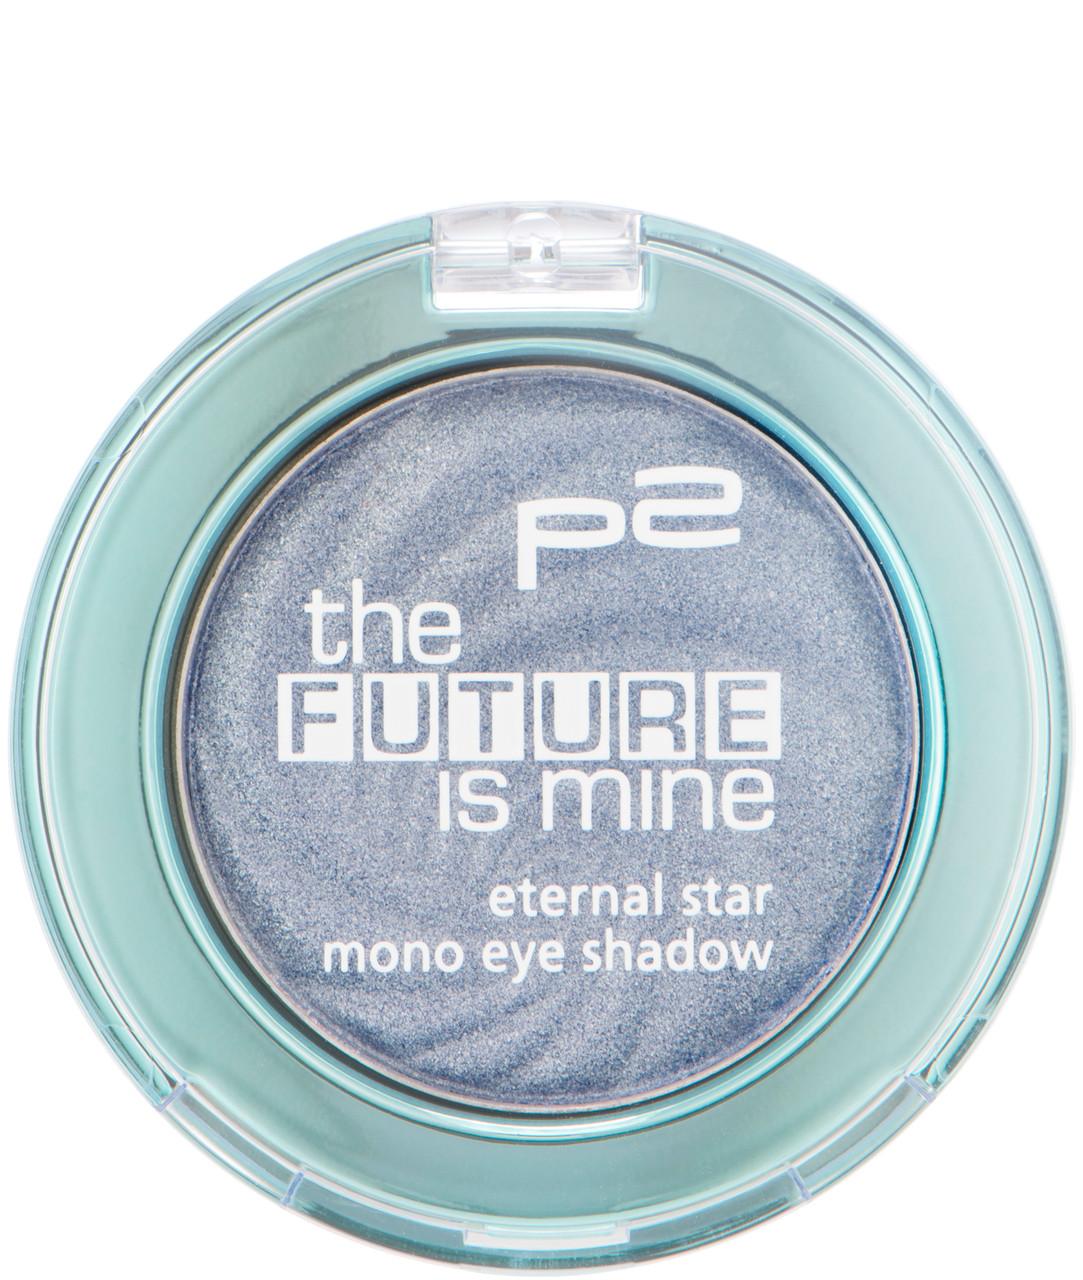 ★ETERNAL STAR Mono Eye Shadow★ Wie glänzender Sternenstaub: Der metallisch schimmernde Lidschatten garantiert ein eindrucksvolles und intensives Augen-Make-up und lässt sich besonders einfach und gleichmäßig auftragen. 2,2 g für 2,95 €